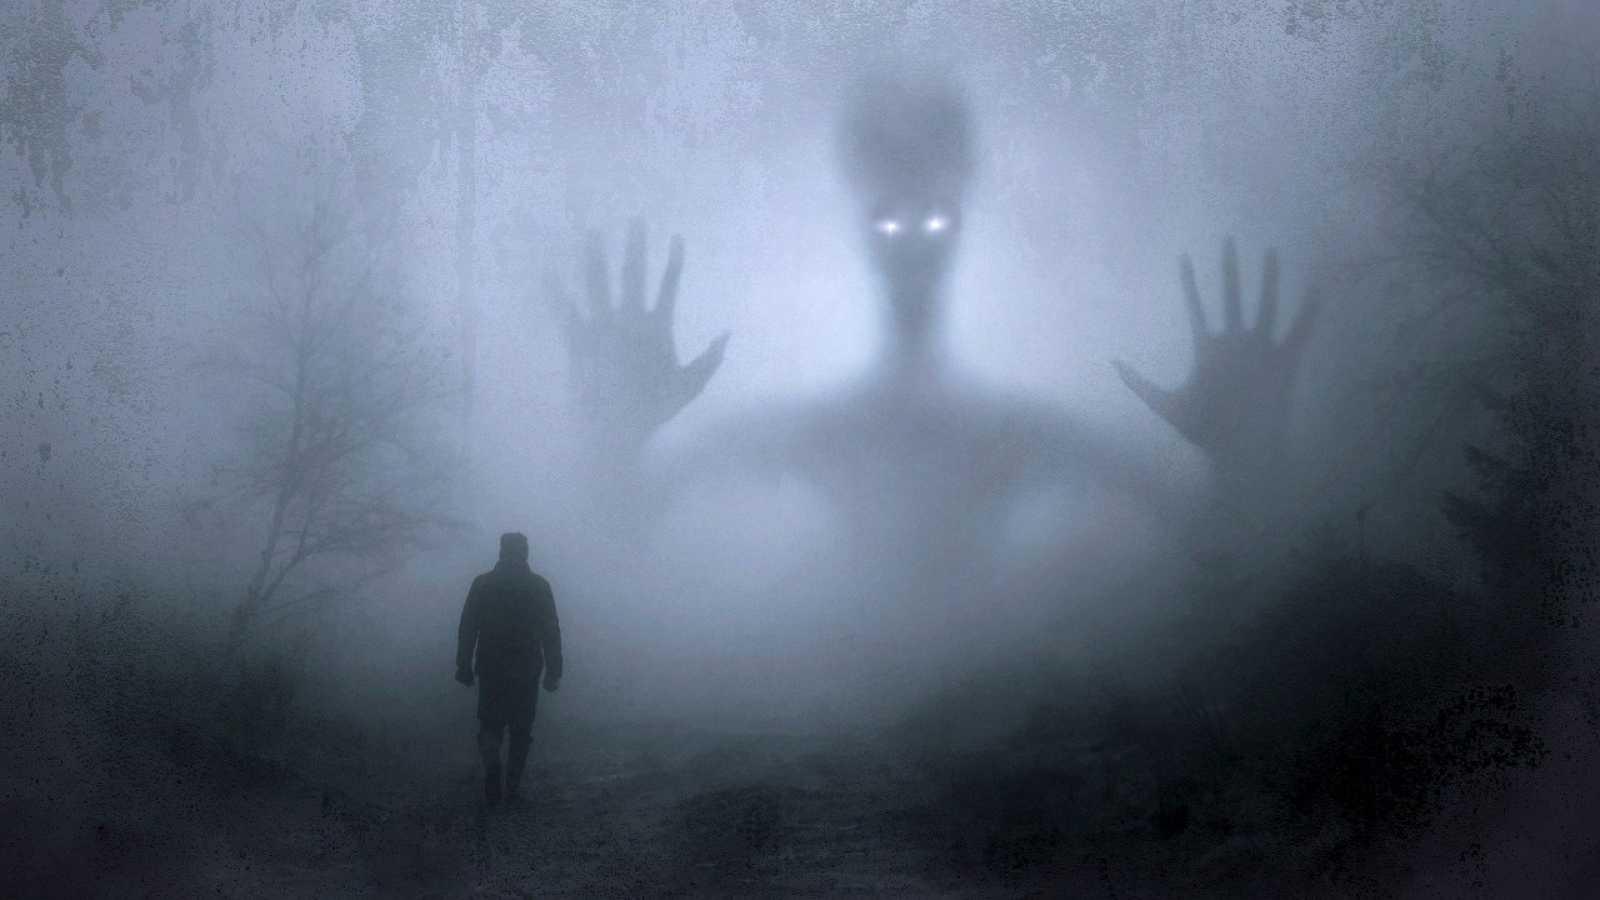 Universo Scallie - ¿Y si estamos viviendo en una peli de terror? - 27/02/21 - escuchar ahora